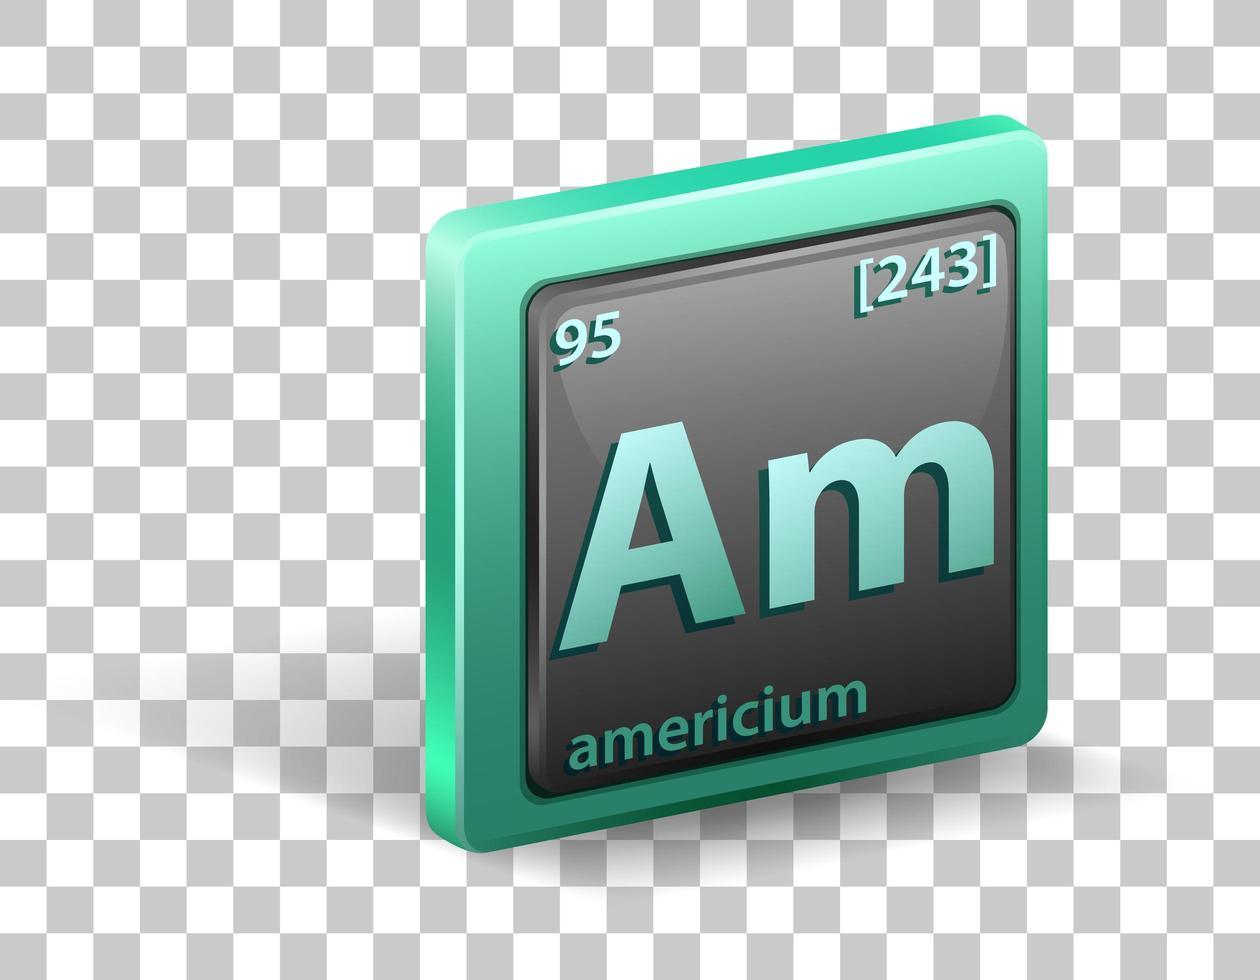 americium scheikundig element. chemisch symbool met atoomnummer en atoommassa. vector